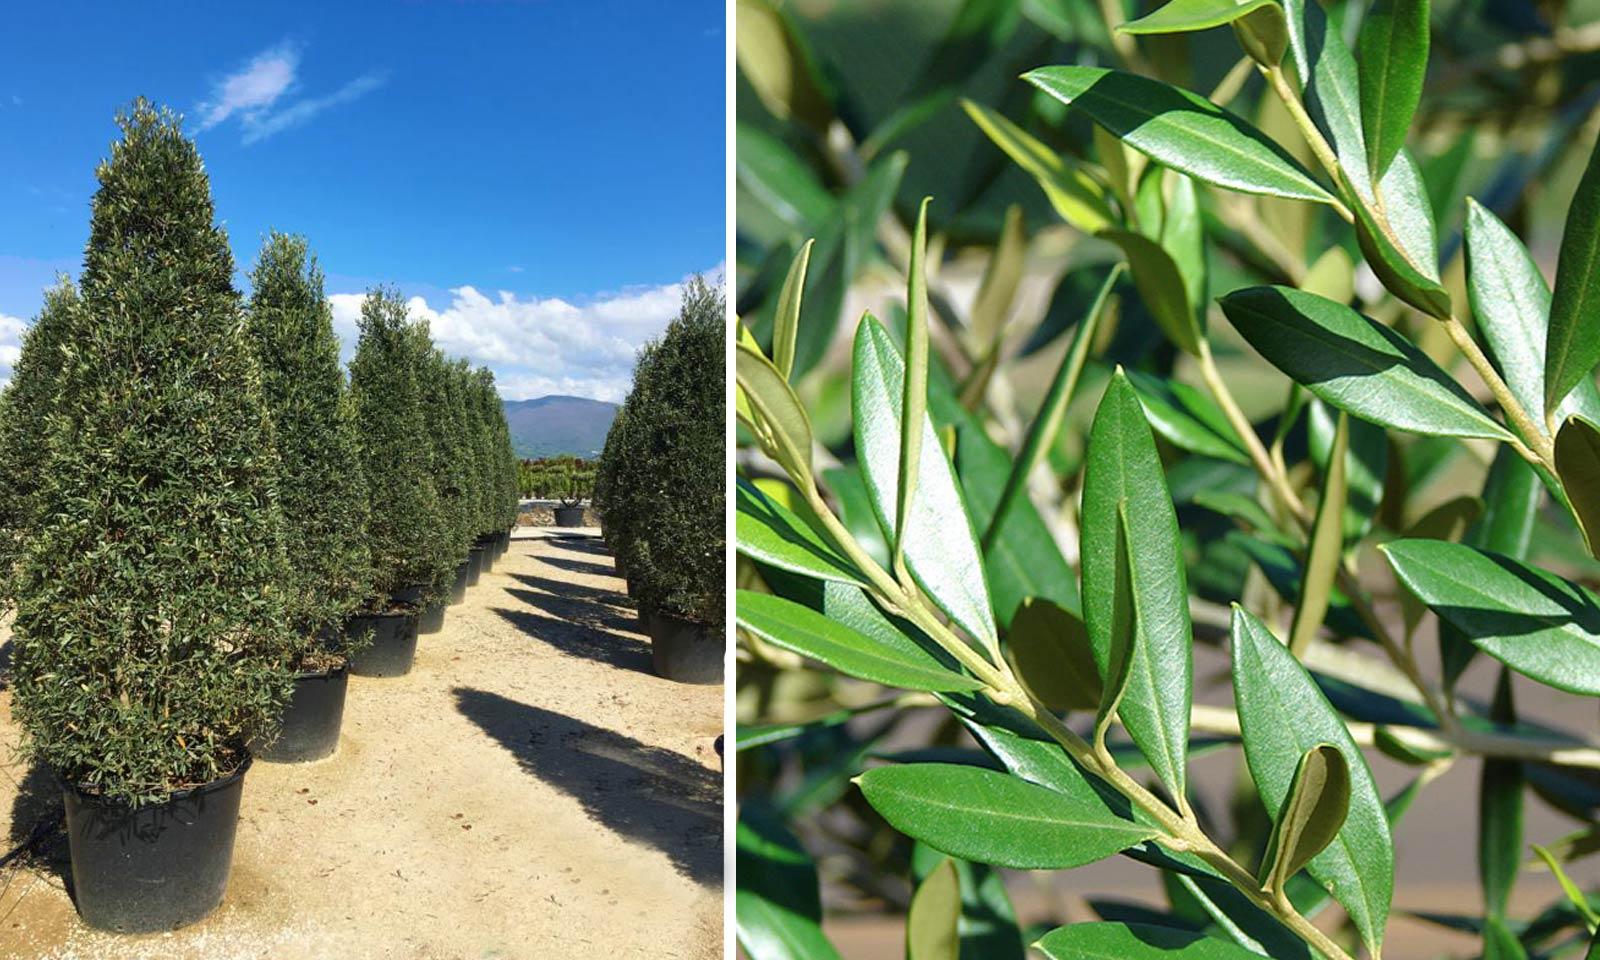 Olea Europaea 'Cipressino' (Olea Europaea 'Pyramidalis' / Olea Europaea 'Frangivento') – Shrub